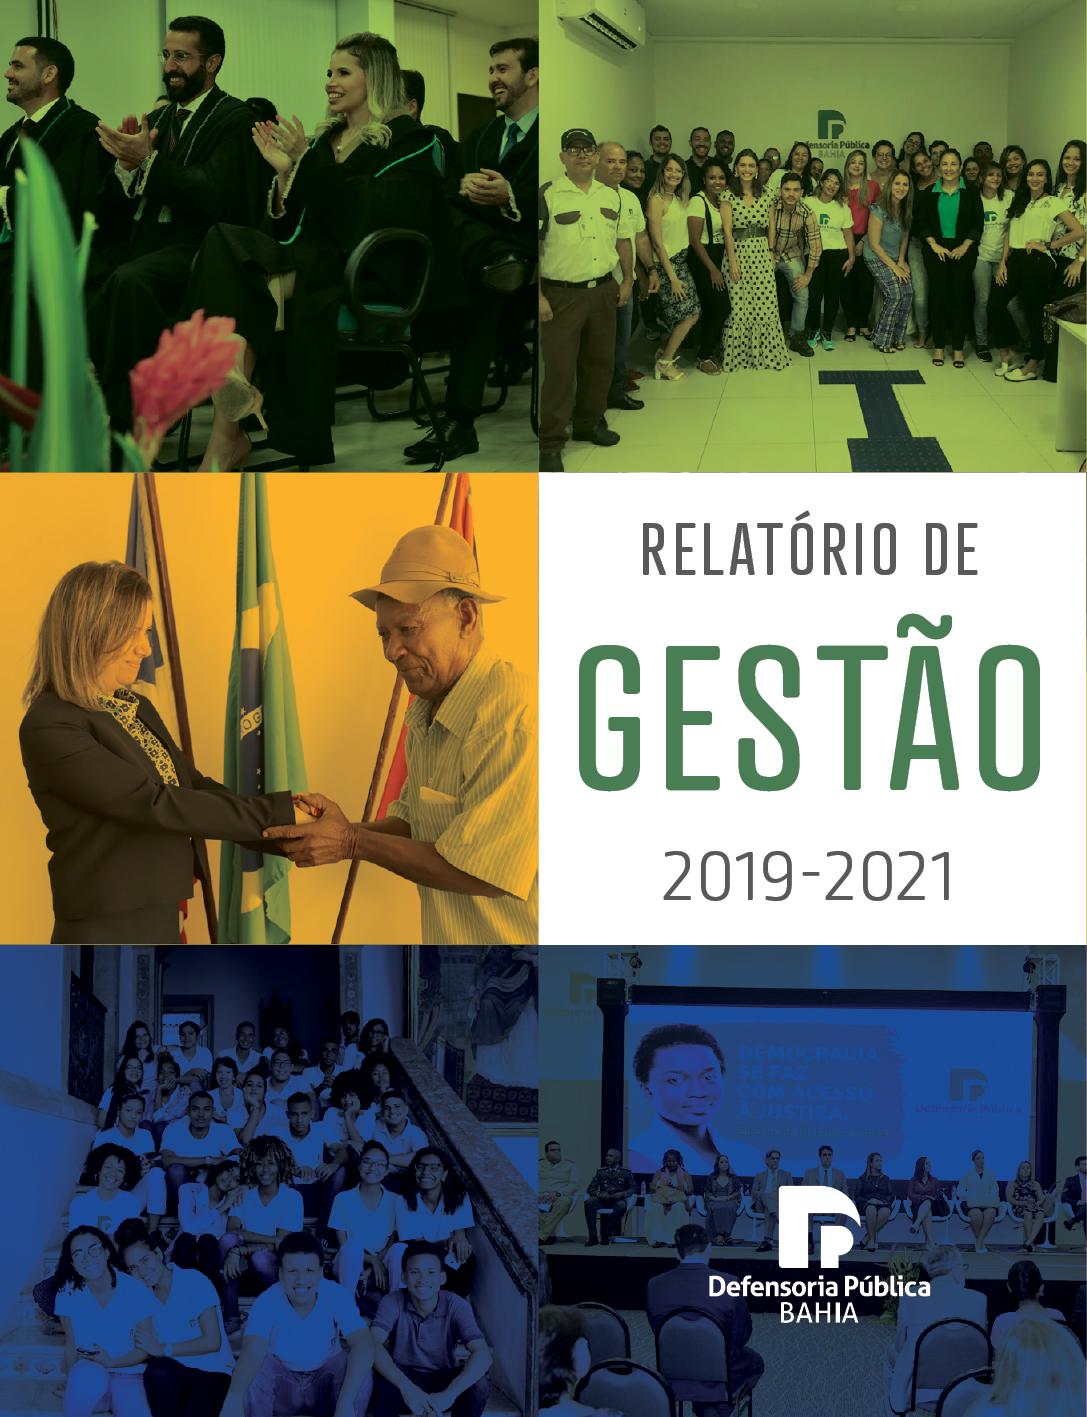 RELATÓRIO DE GESTÃO 2019-2021